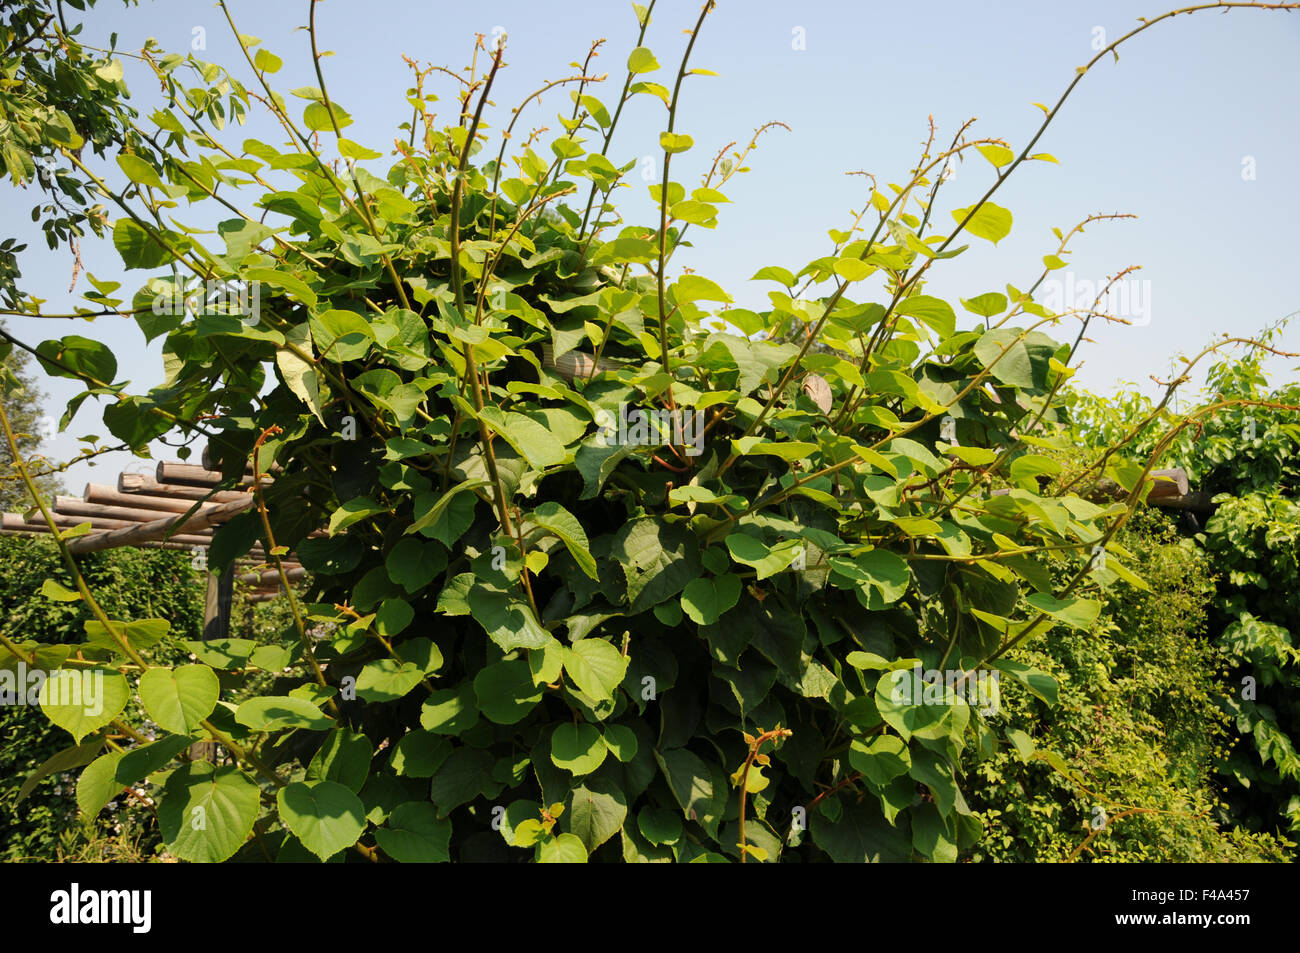 Kiwi plant - Stock Image